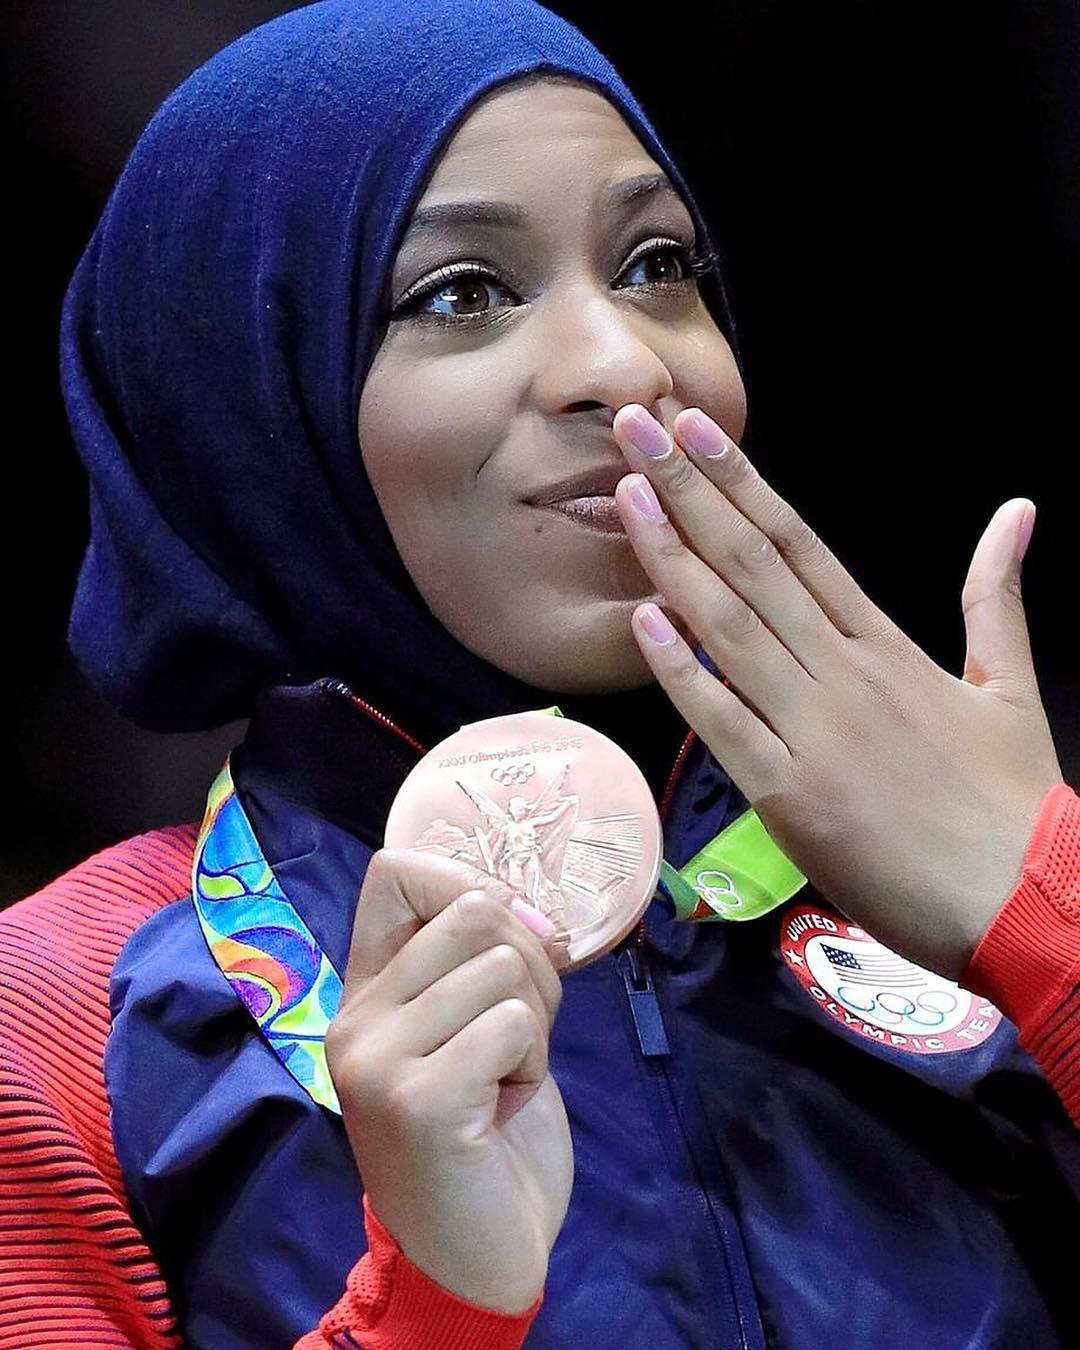 A esgrimista Ibtihaj Muhammad ganhou medalhe de bronze nas Olimpíadas Rio 2016 (Foto: Reprodução / Instagram)